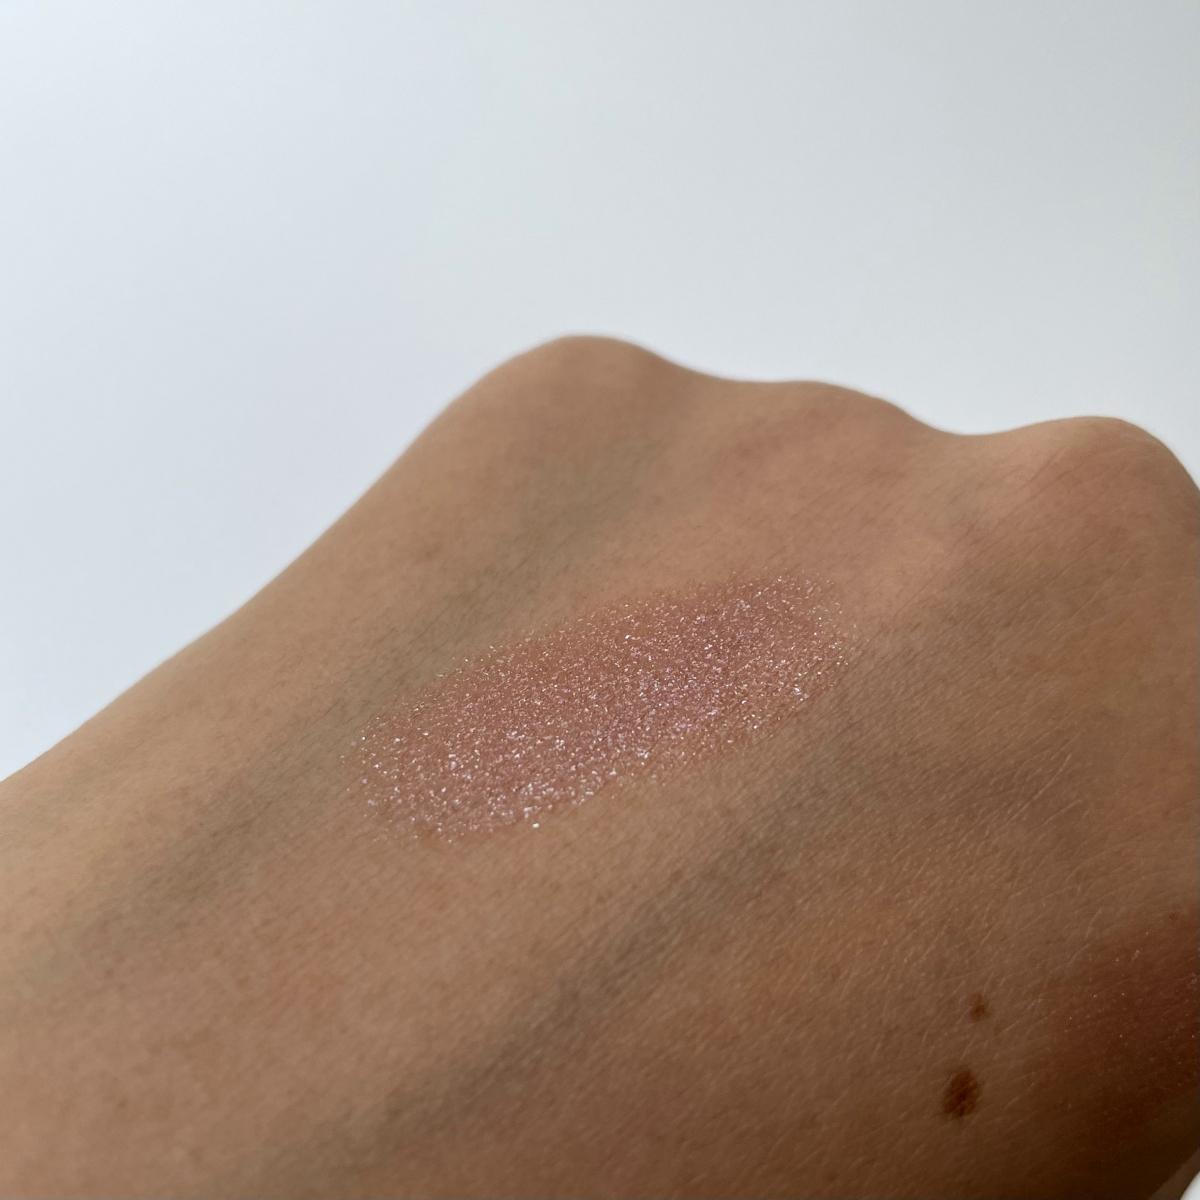 そばかすだらけの手に塗ってみましたが、分かっていただけますでしょうか〜、この煌めき汗。